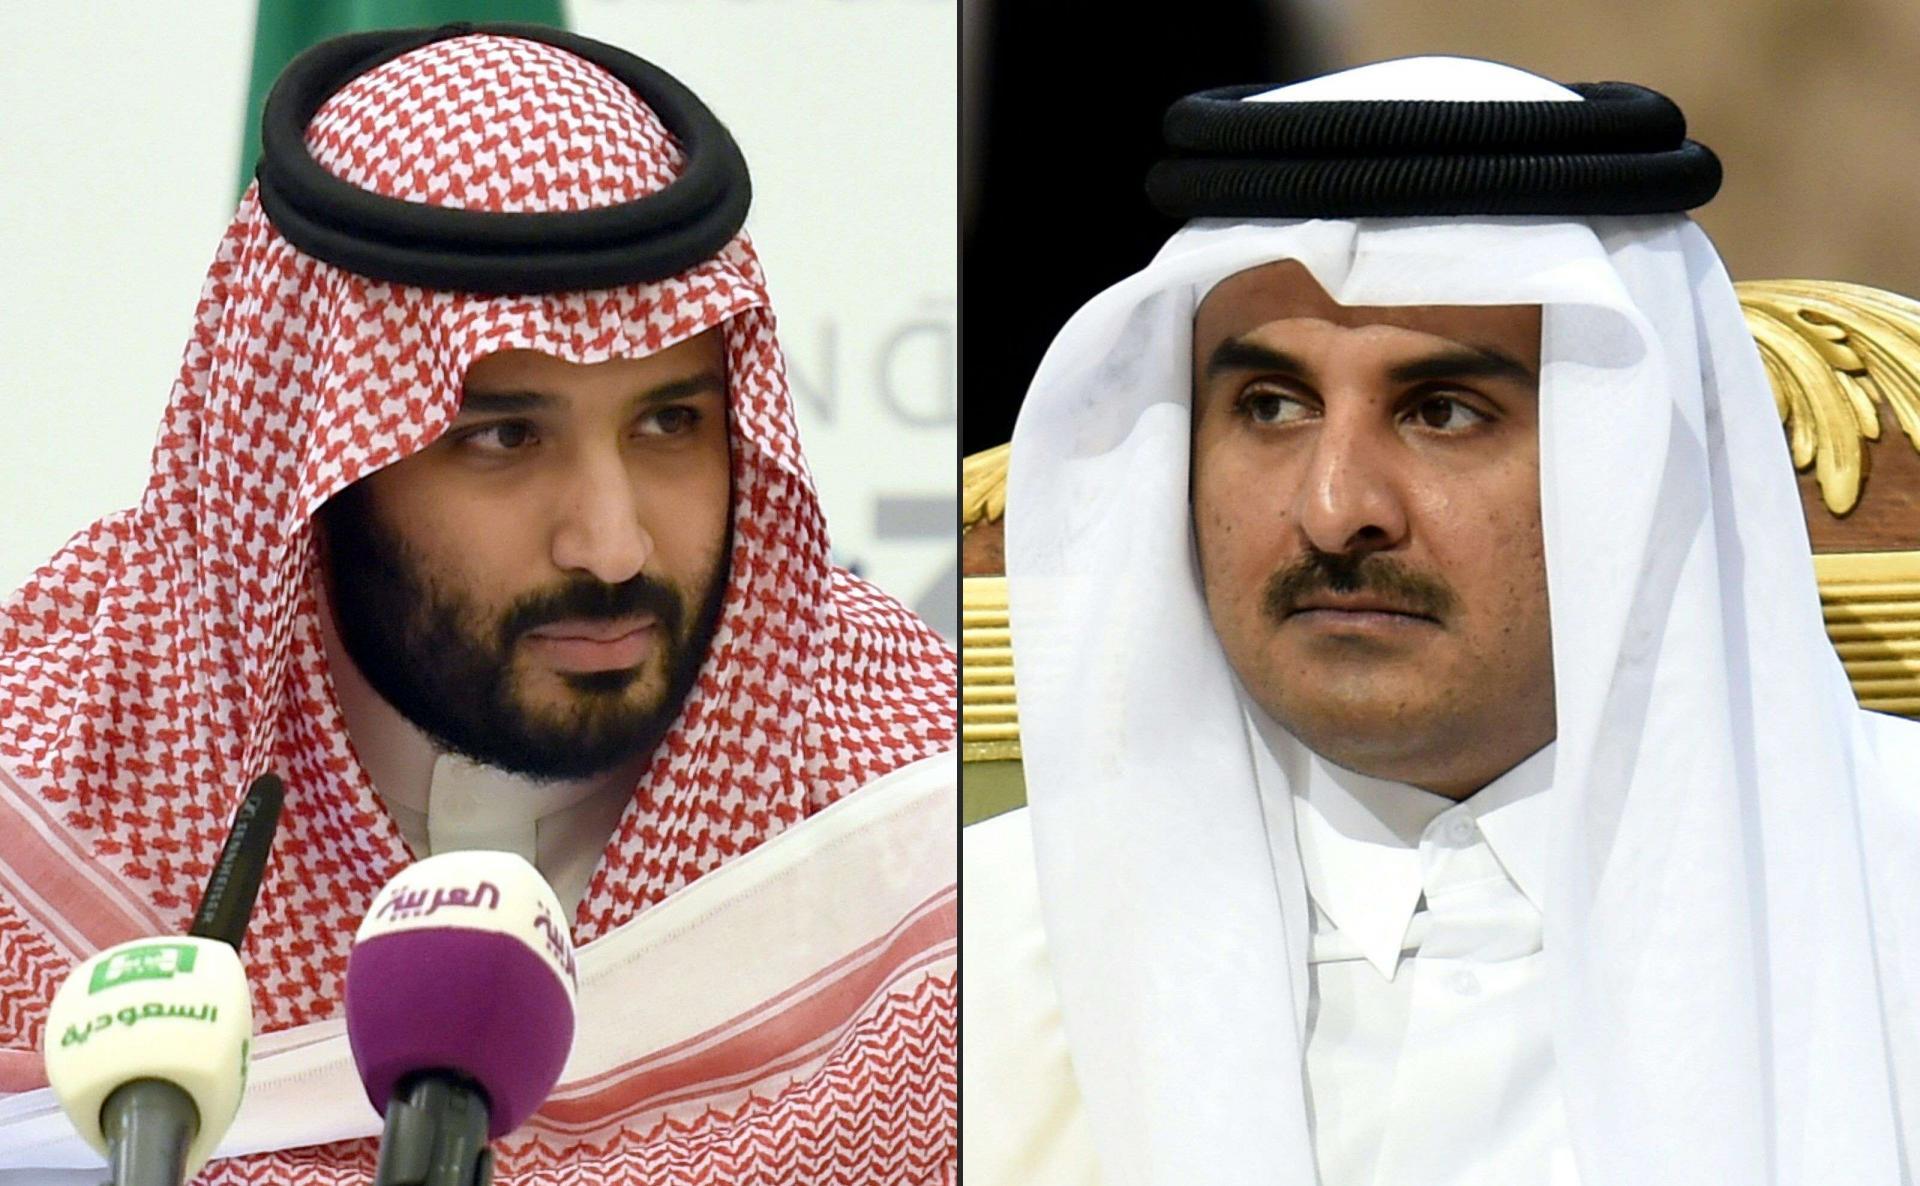 Ông Trump sắp đến hạn rời Nhà Trắng, Ả Rập Saudi có động thái bất ngờ với Qatar - 1